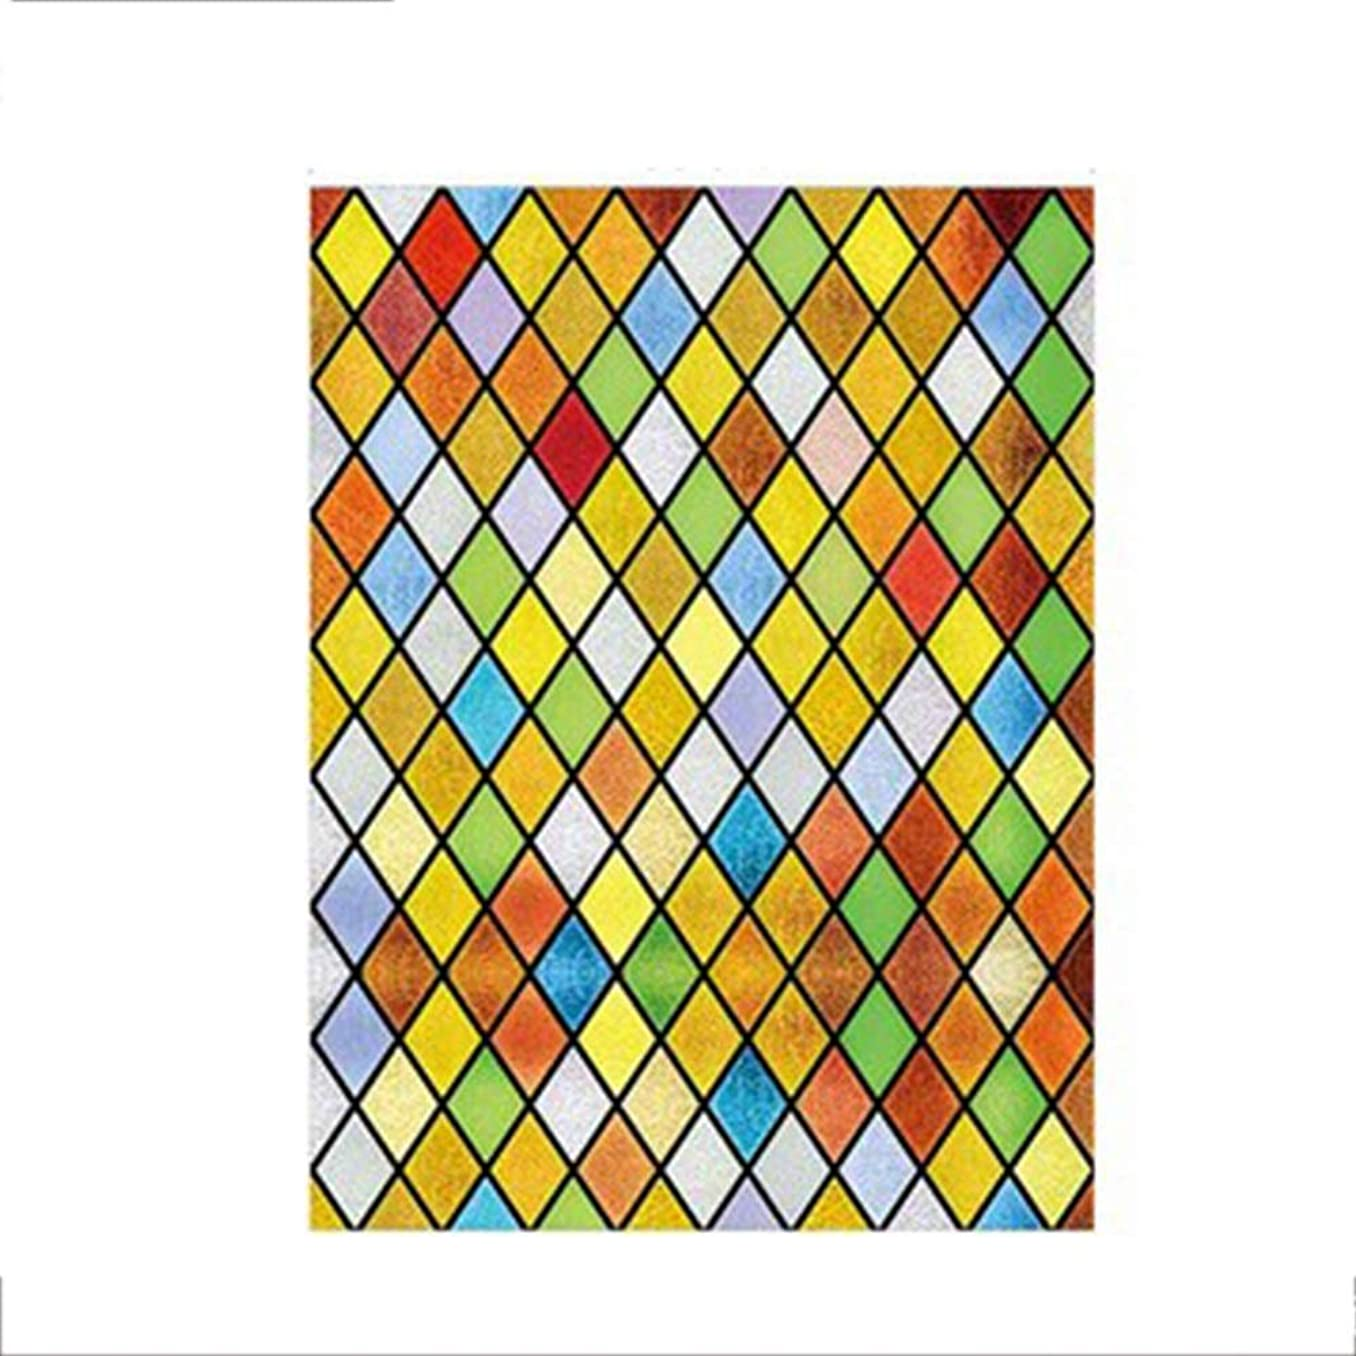 ビジョン論争的訪問DEWUFAFA ウィンドウフィルム静的しがみつくウィンドウフィルム3D自己粘着粘着装飾プライバシーホームキッチンOfficeのフロストガラス窓のフィルムステッカーアンチUV、 (Color : E, Size : 100x180cm)